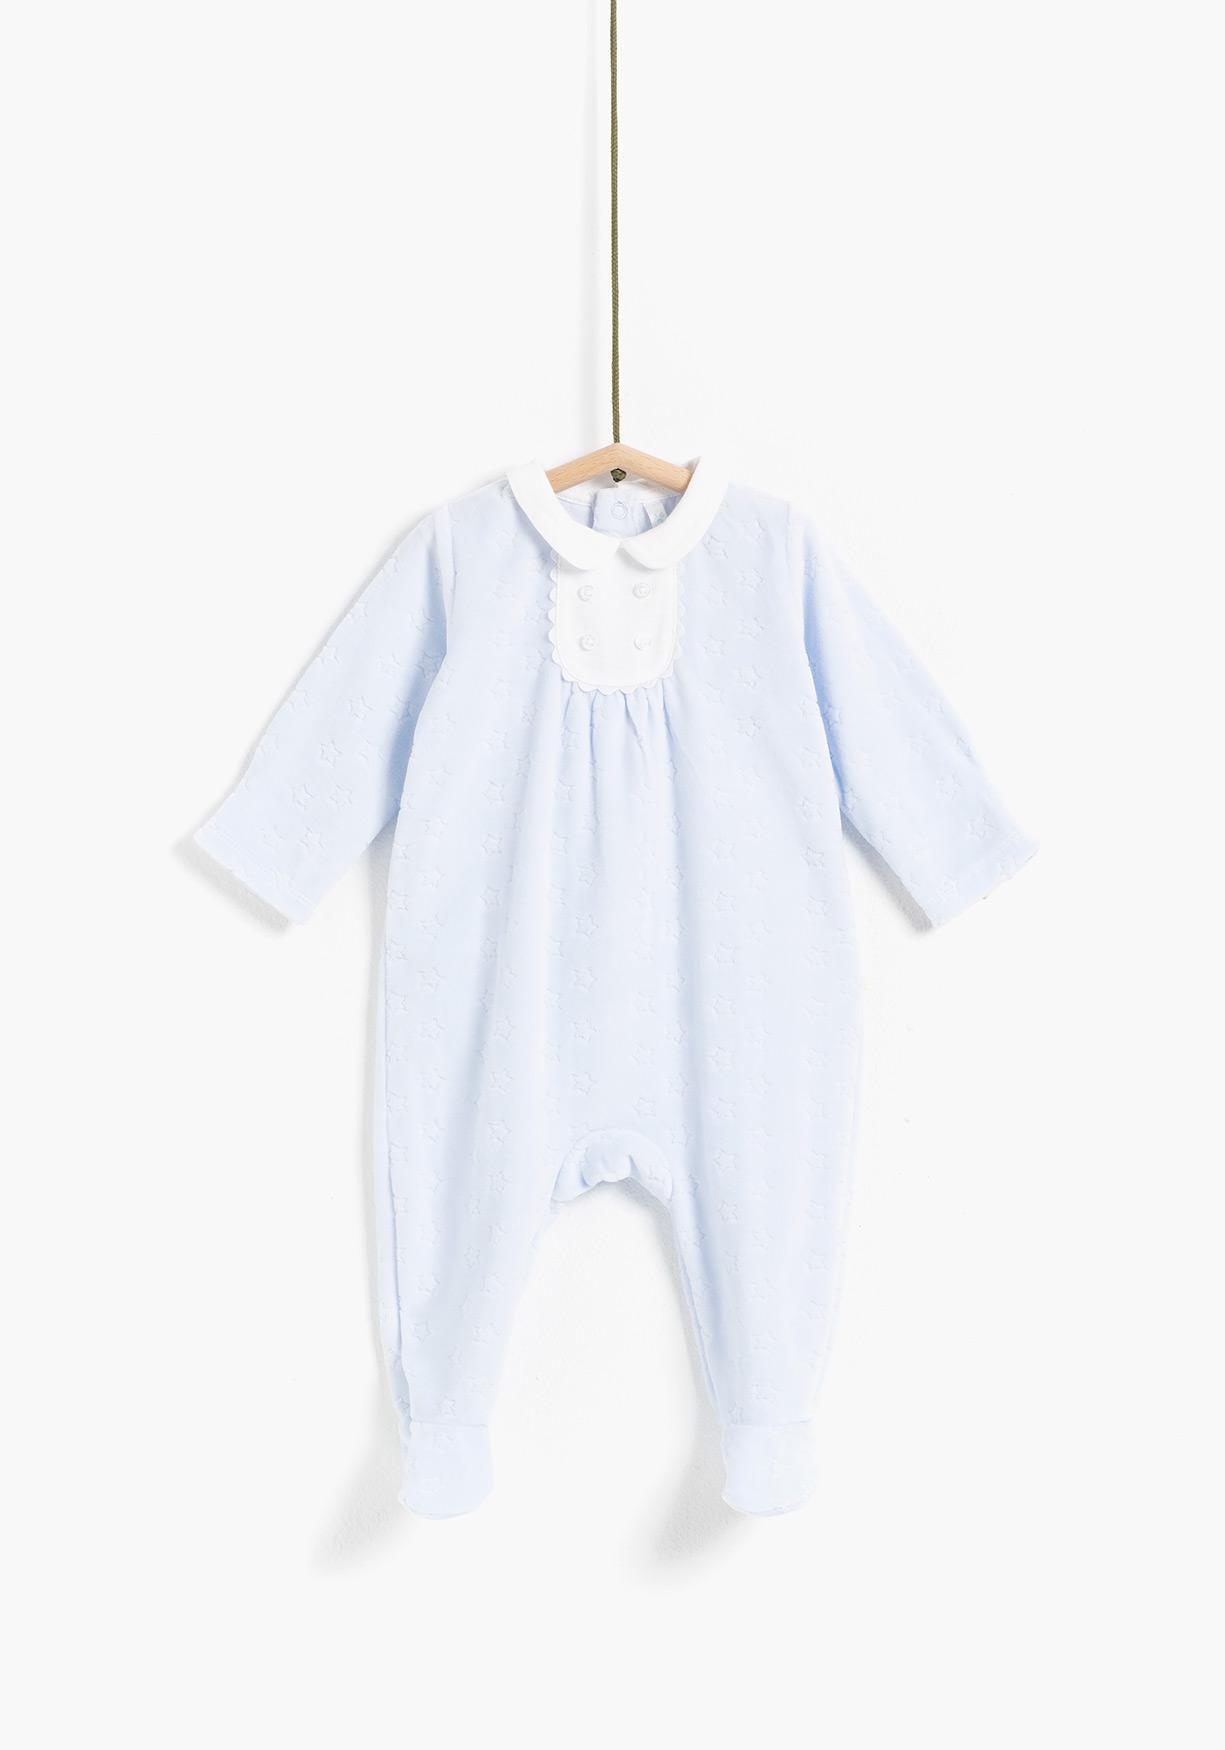 73ec36f6d Comprar Pijama aterciopelado para recién nacido unisex TEX ...